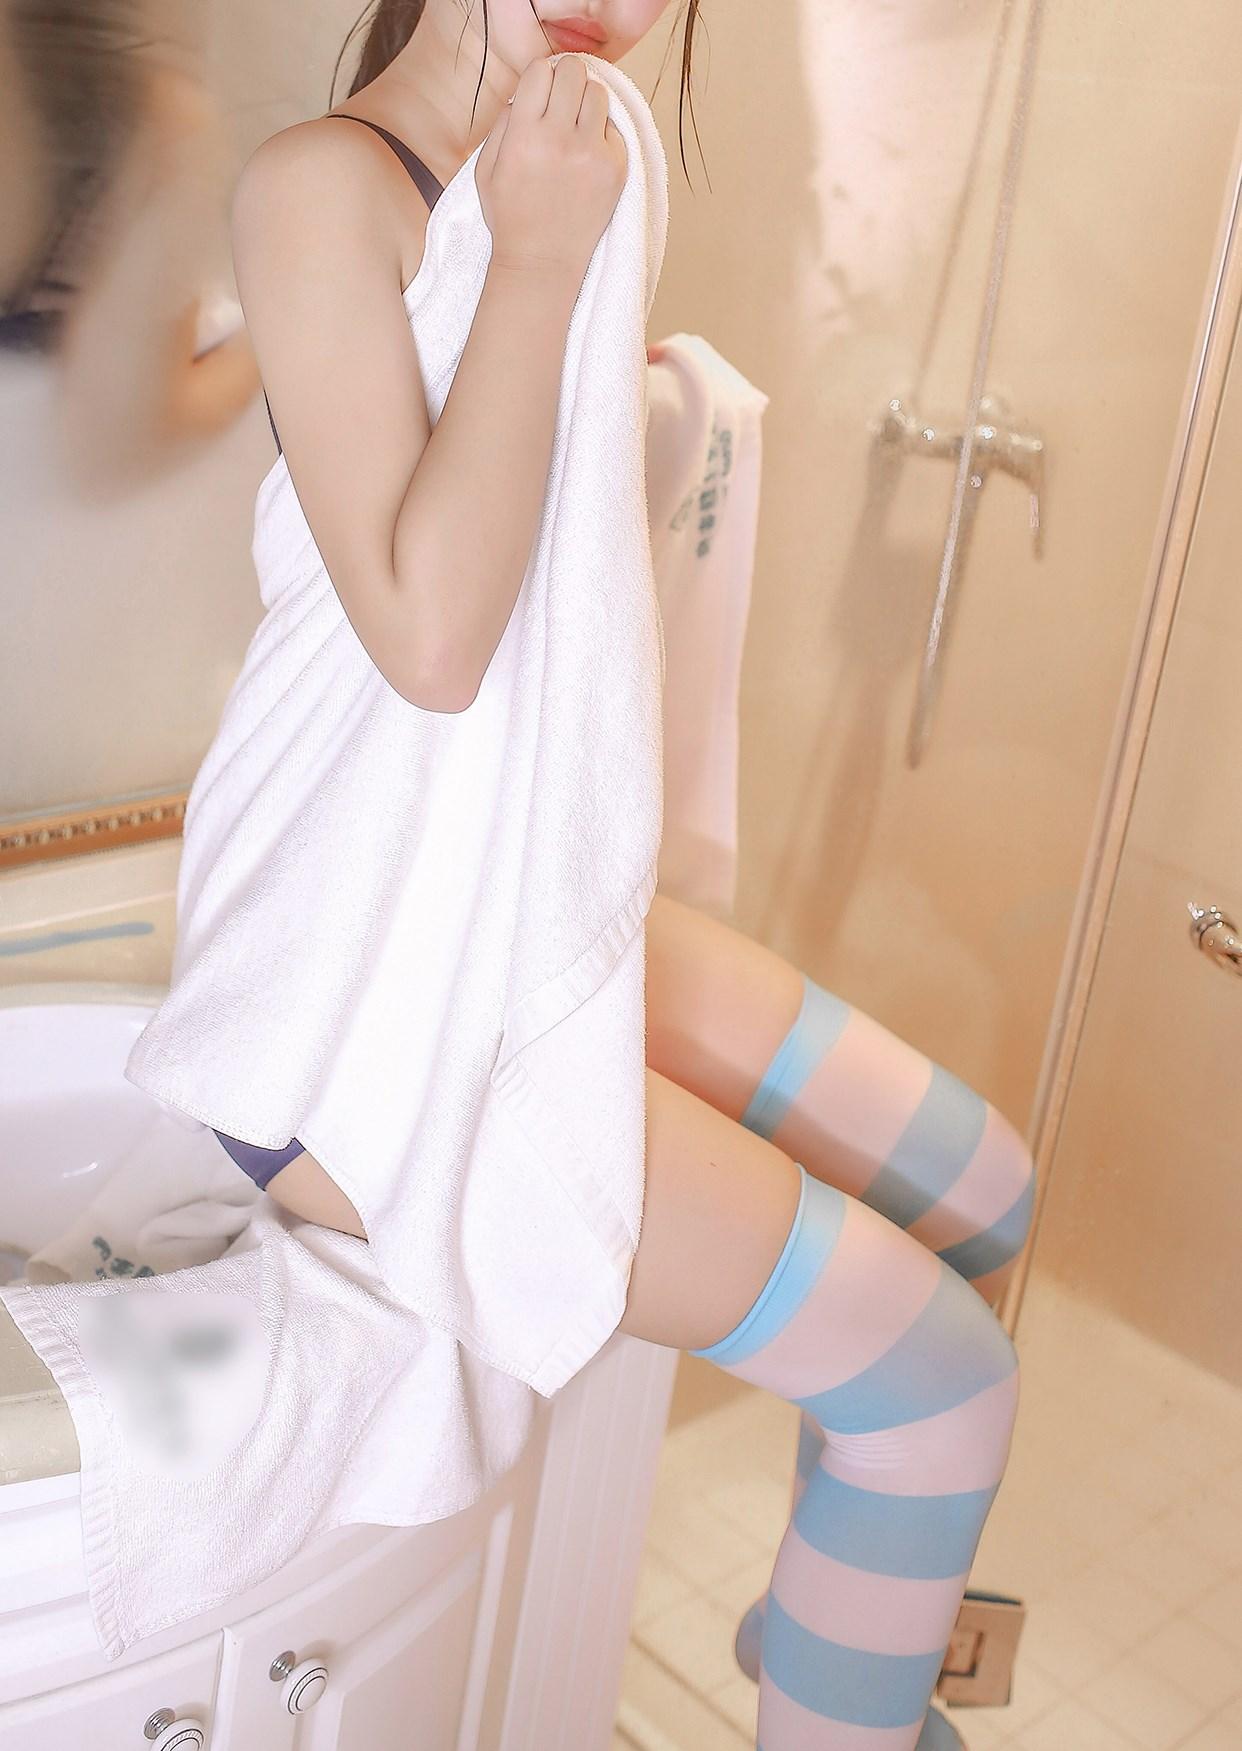 【兔玩映画】浴室里的蓝白条纹 兔玩映画 第40张